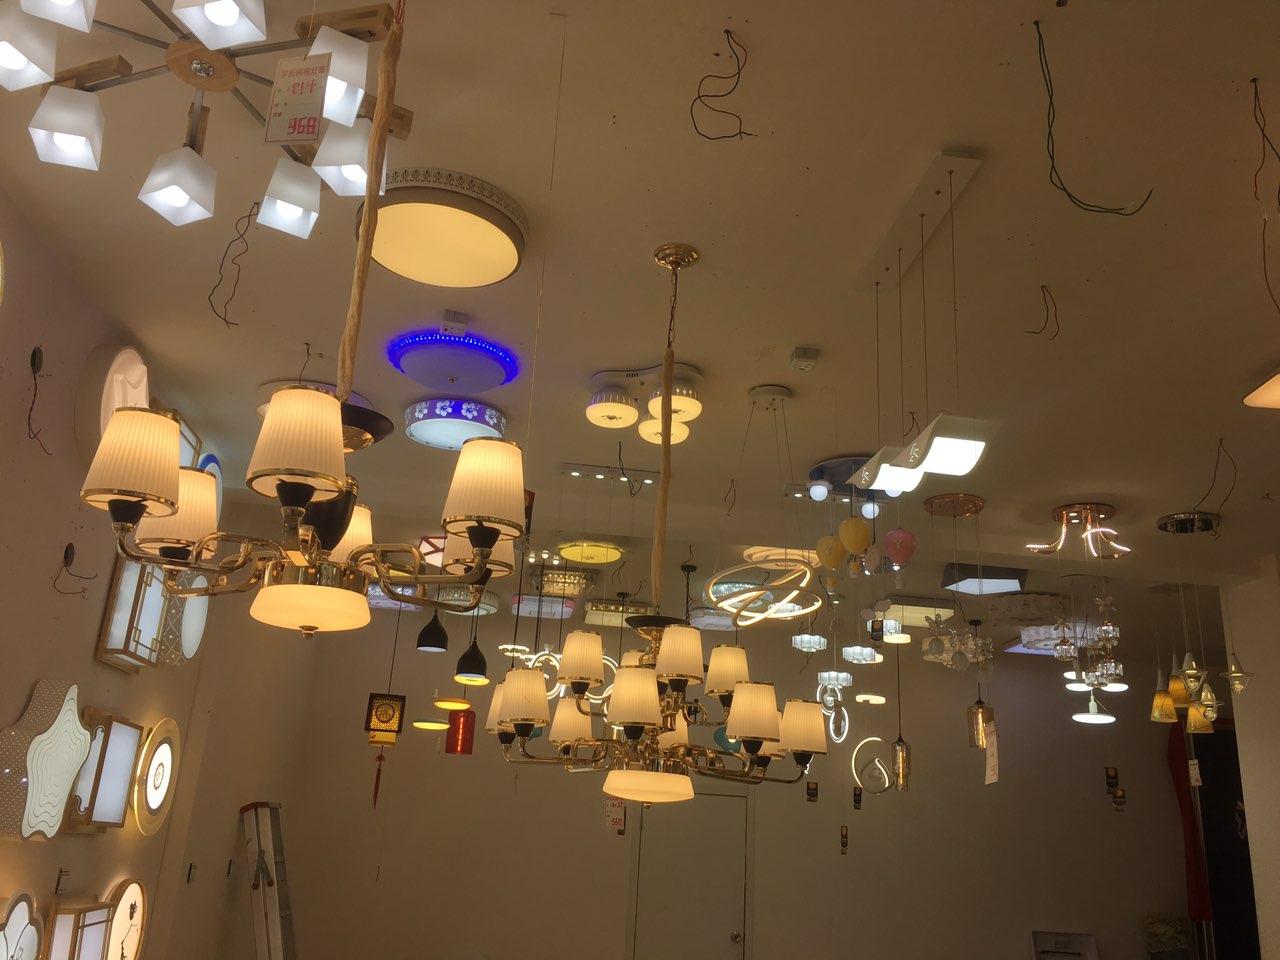 号外,号外,号外,罗氏科技灯具城因店面需升级装修,店内所有样品打折